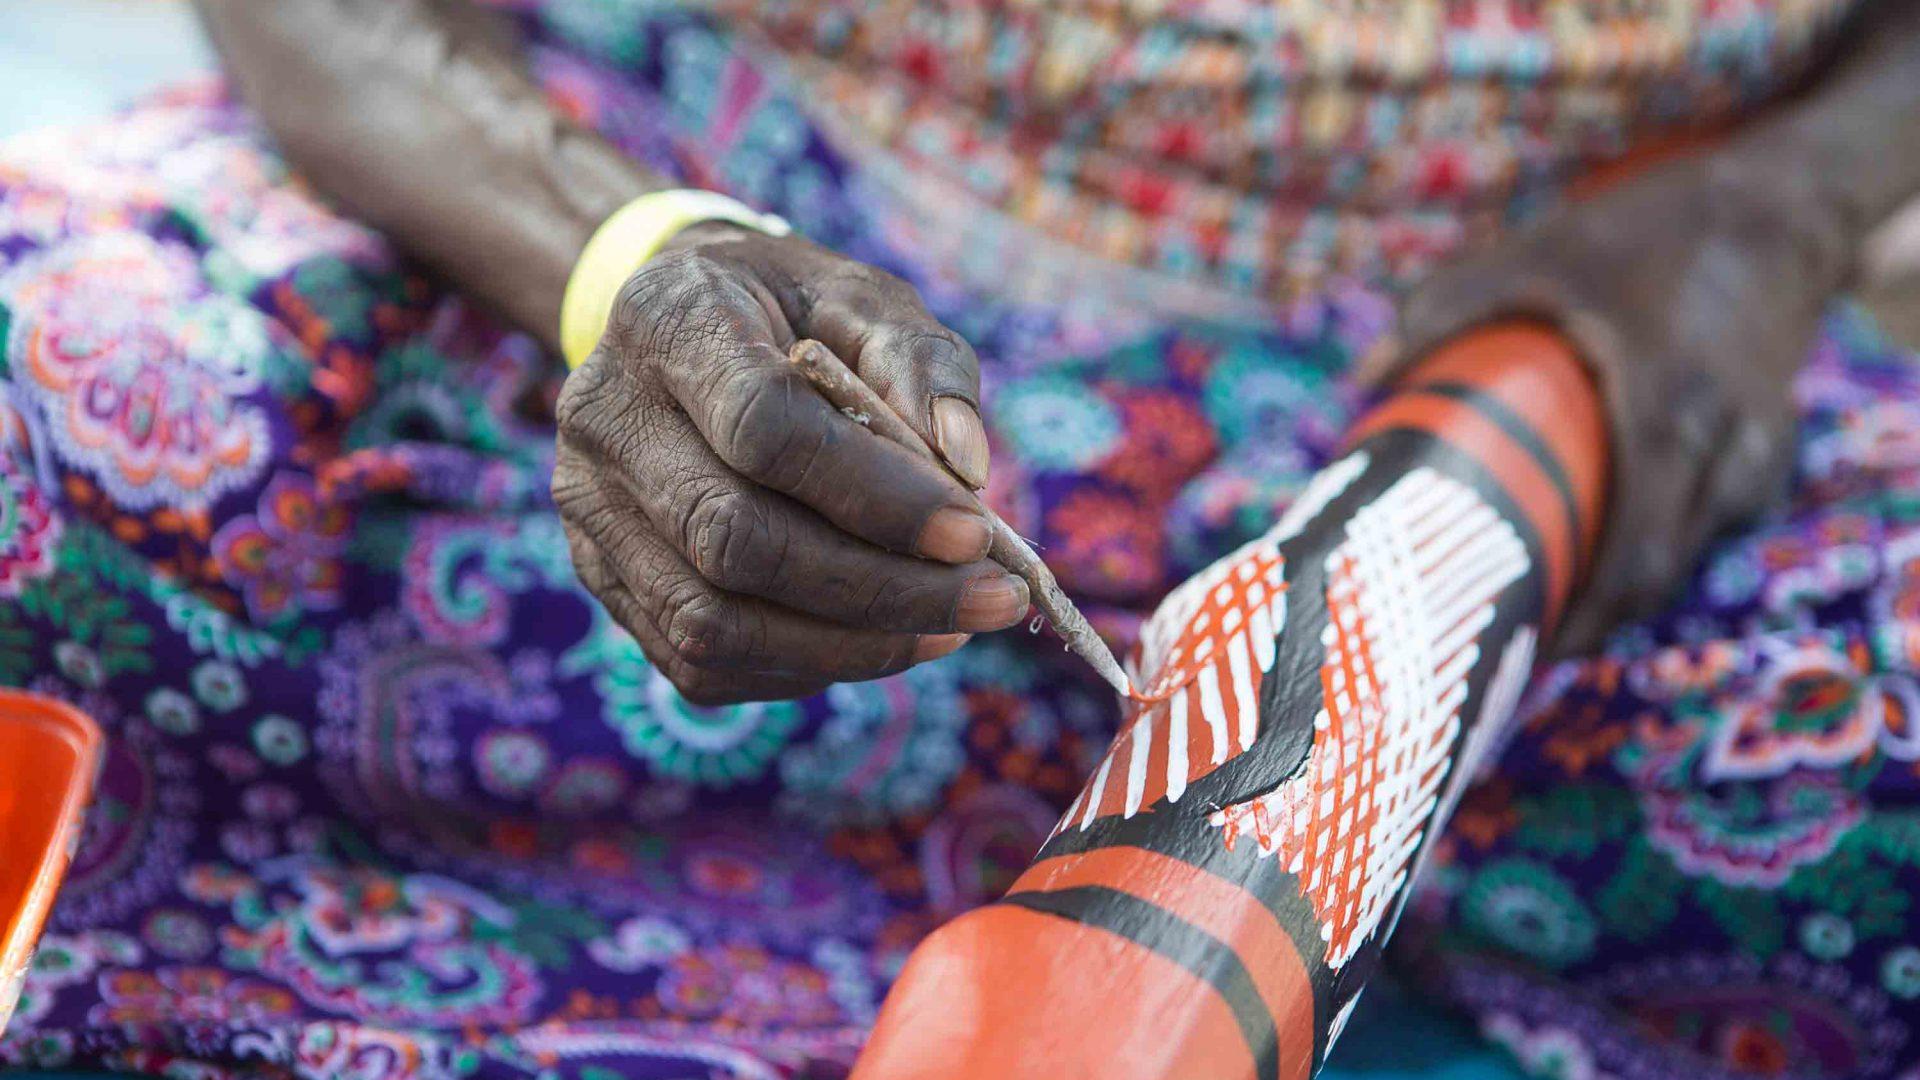 Hands painting a didgeridoo.